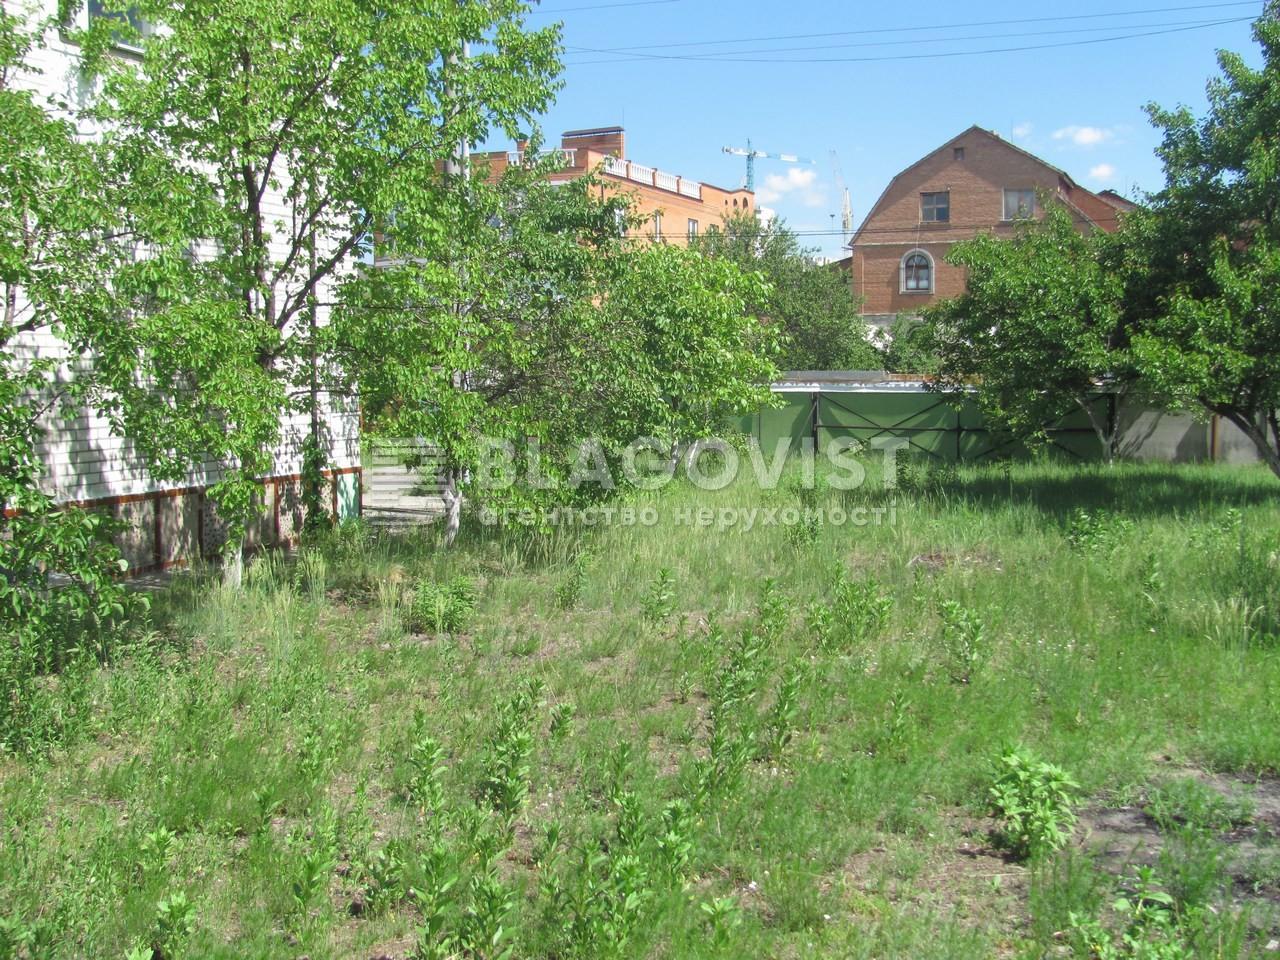 Будинок G-4849, Карла Маркса (Бортничі), Київ - Фото 24